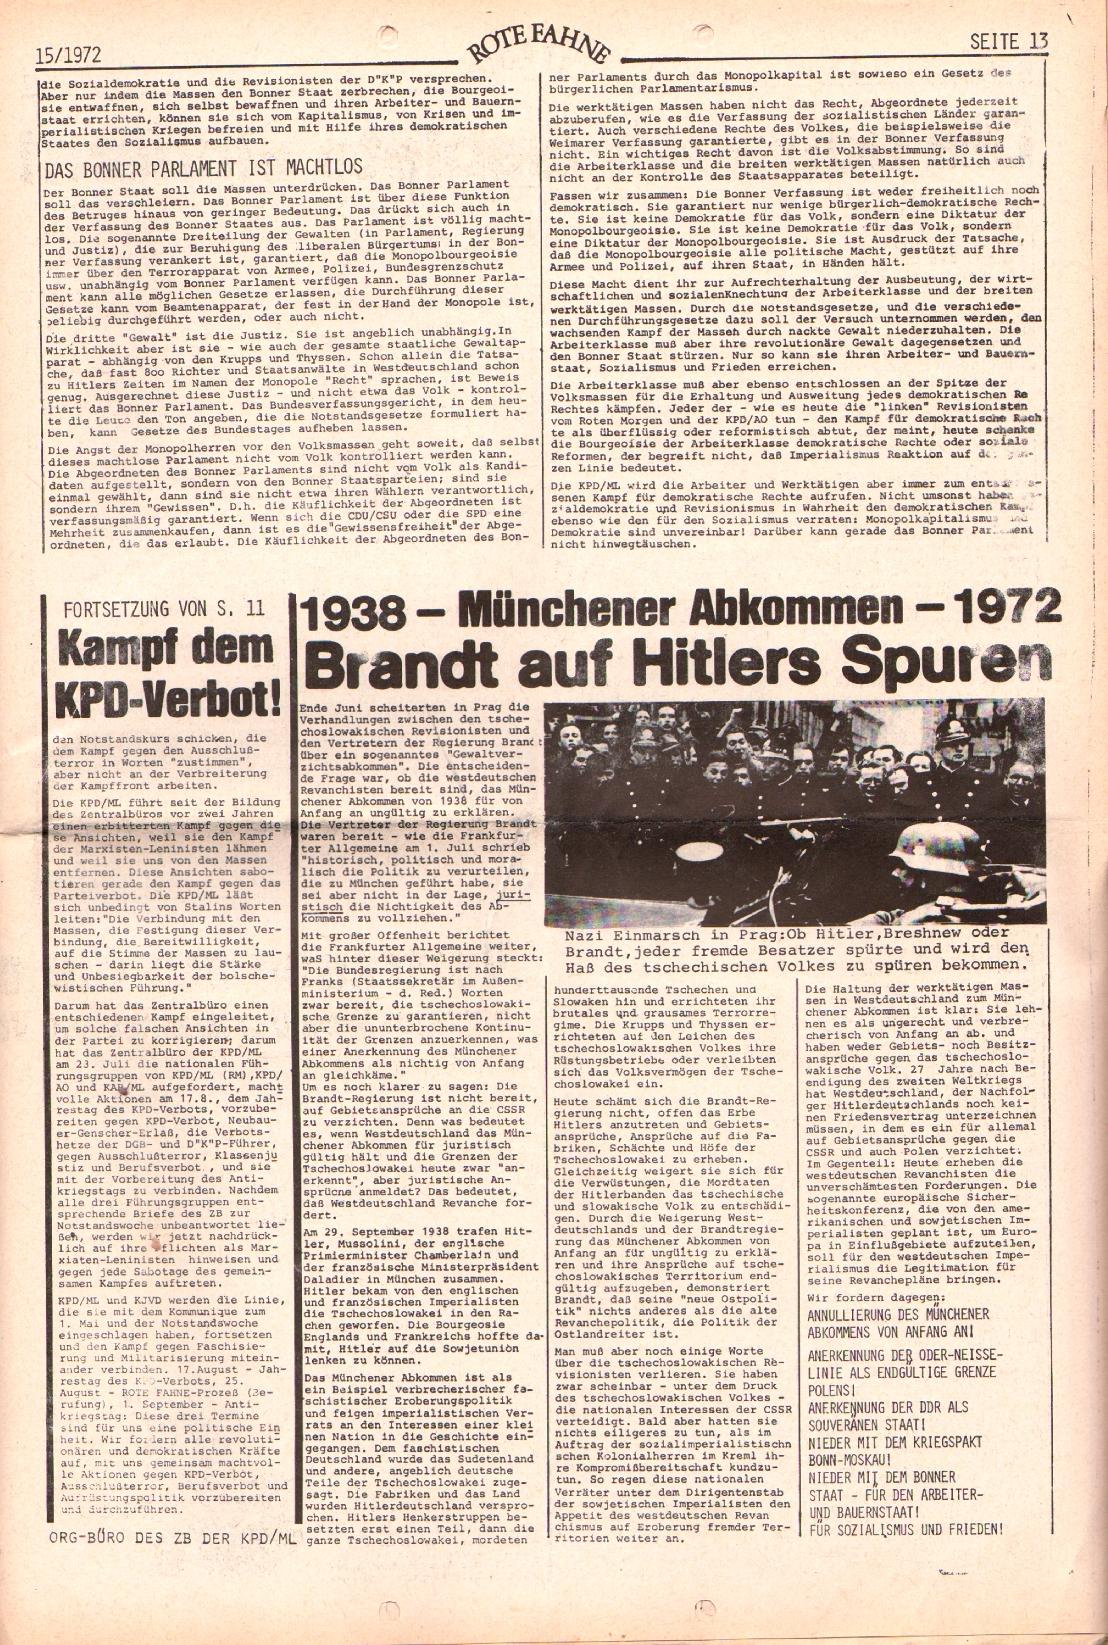 Rote Fahne, 3. Jg., 24.7.1972, Nr. 15, Seite 13